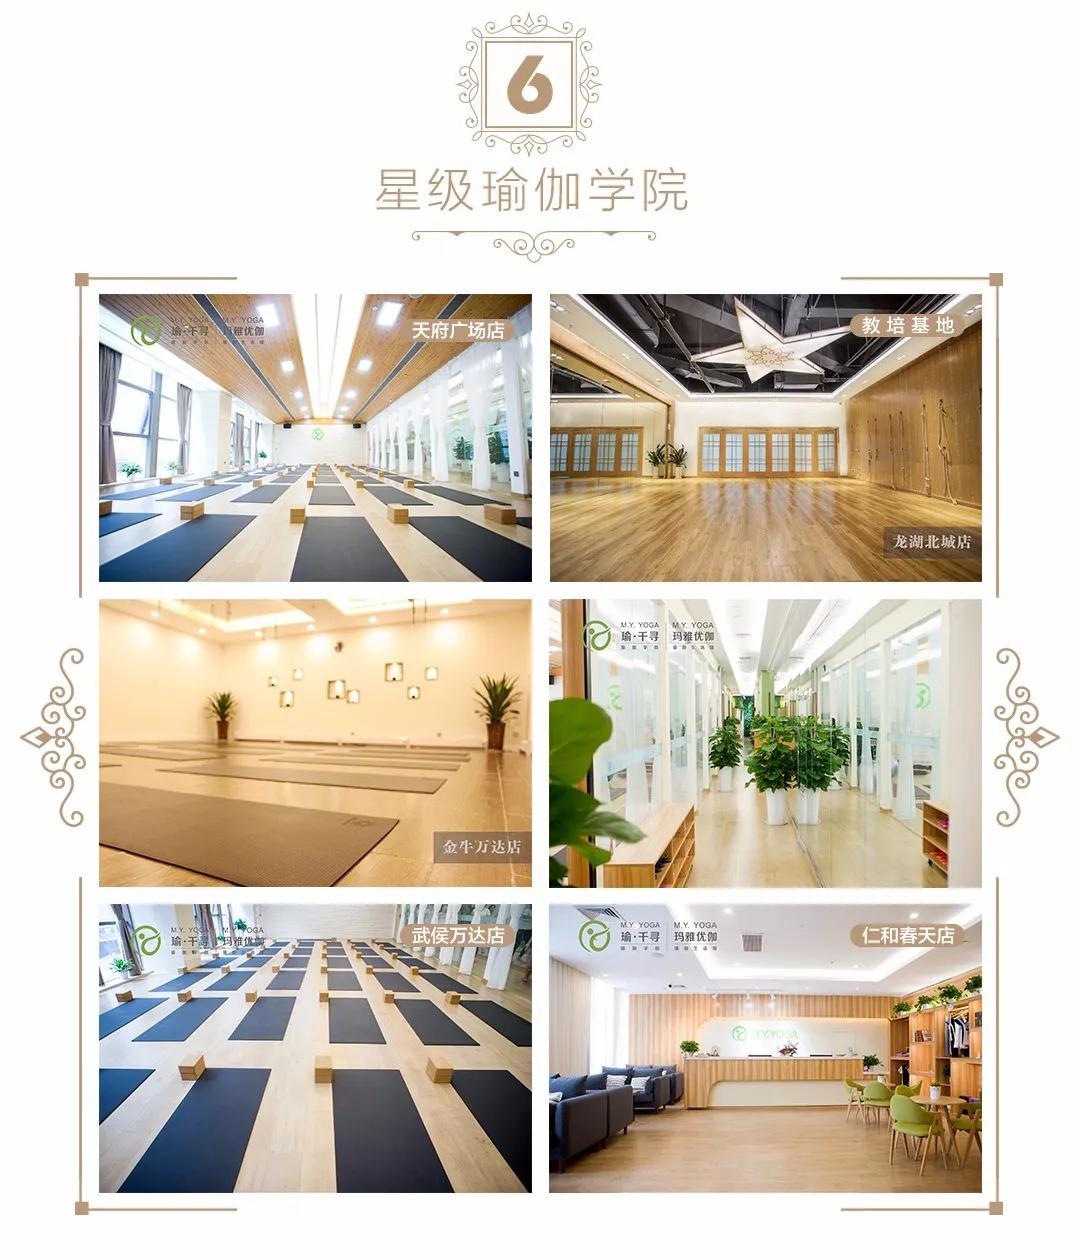 8.21-9.30【中国瑜伽教练培训】